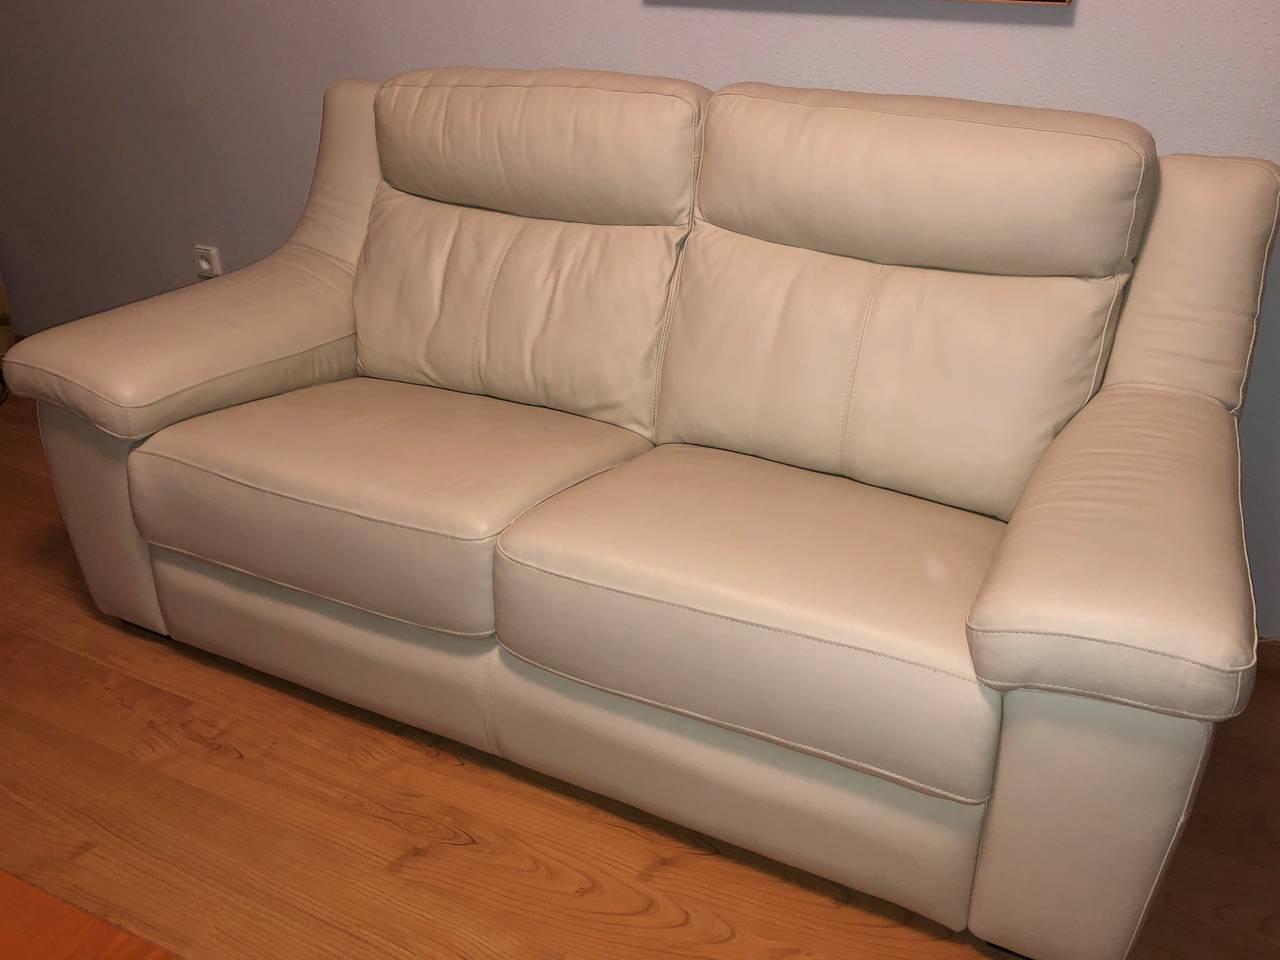 Sofa de piel, color marfil  - Foto 1